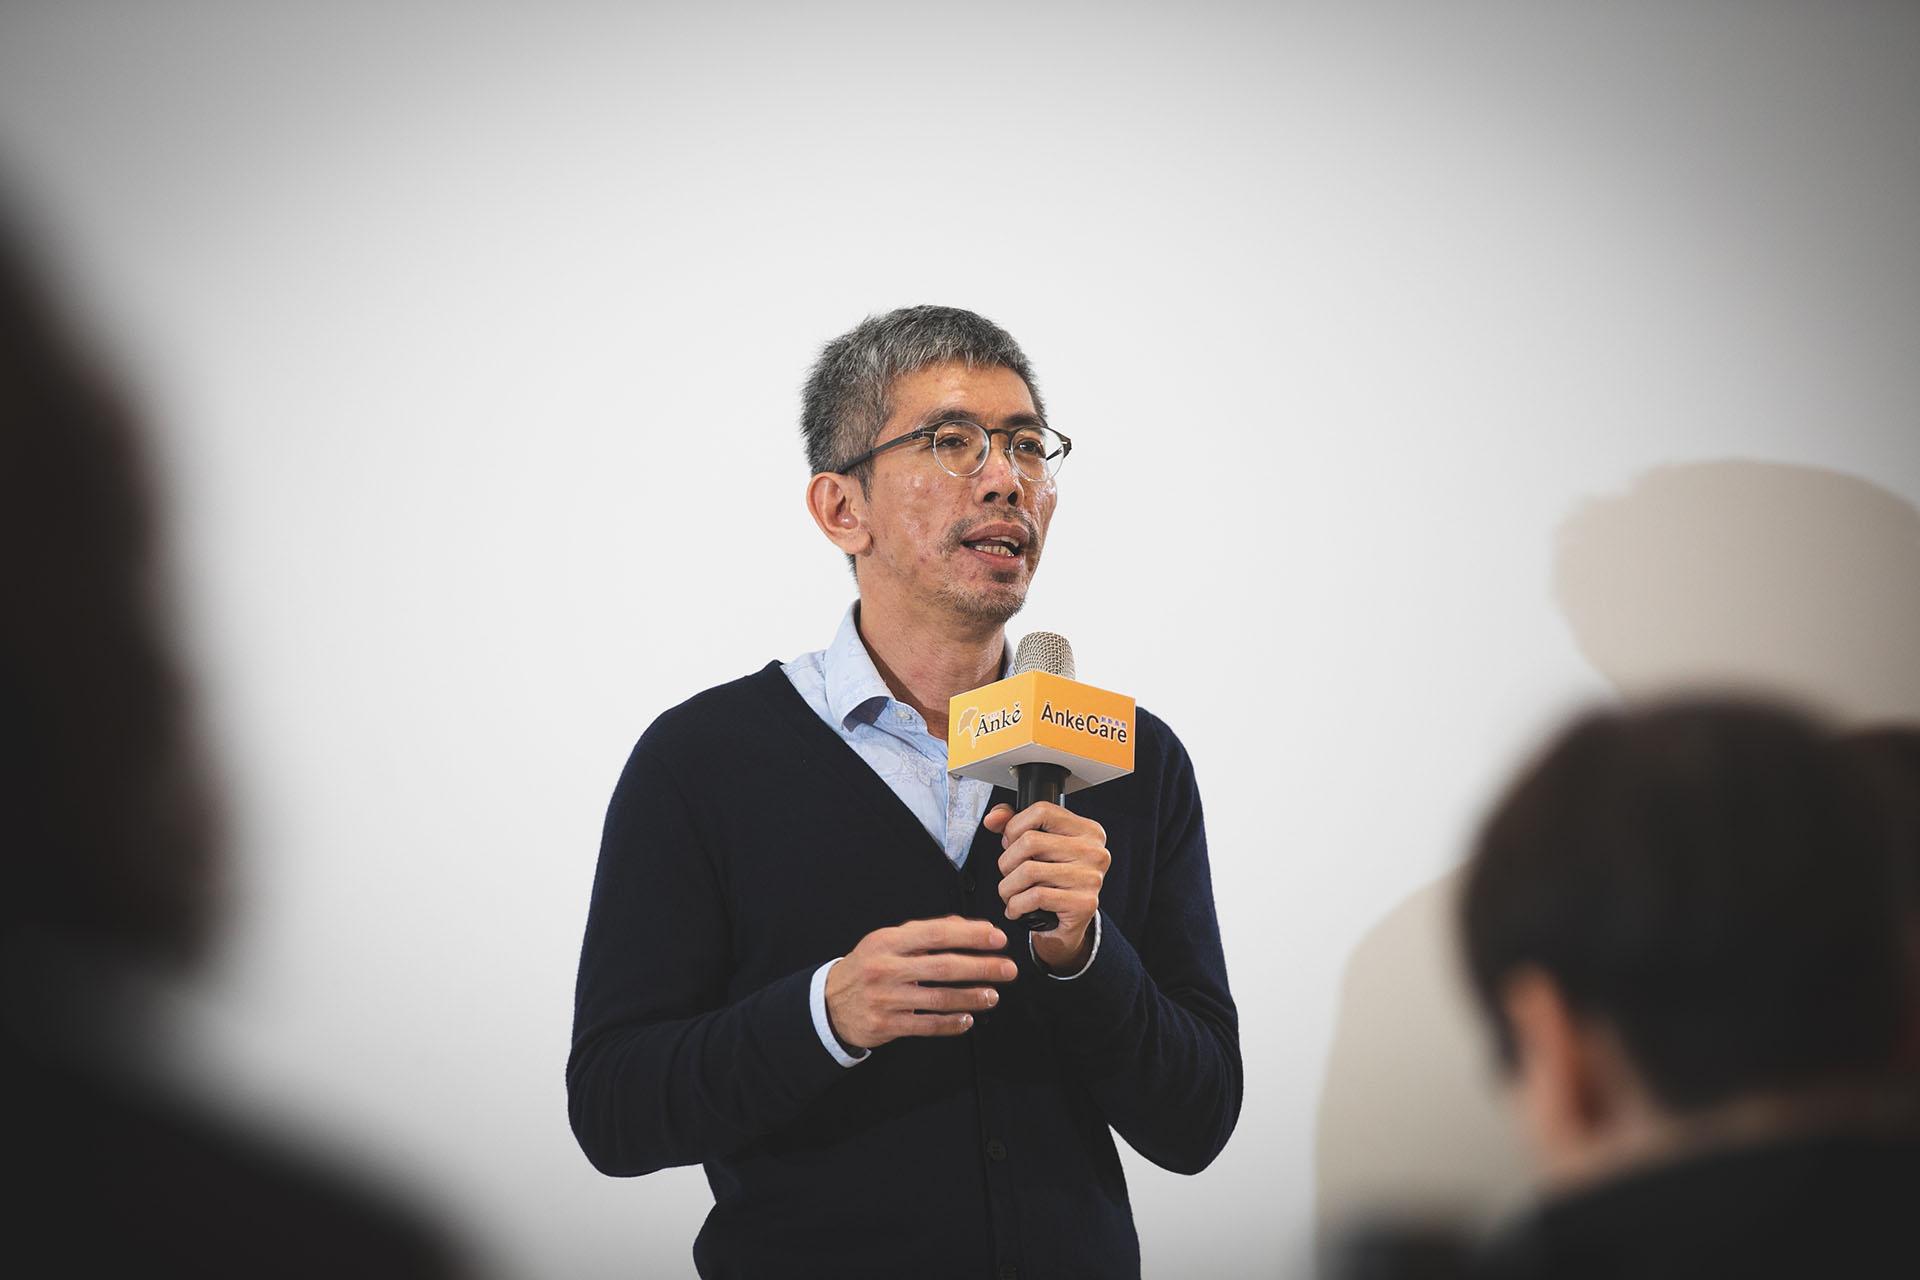 空總臺灣當代文化實驗場推廣組總監陳國政則表示,空總近年透過活動安排設計,積極讓熟齡觀眾走進空總。